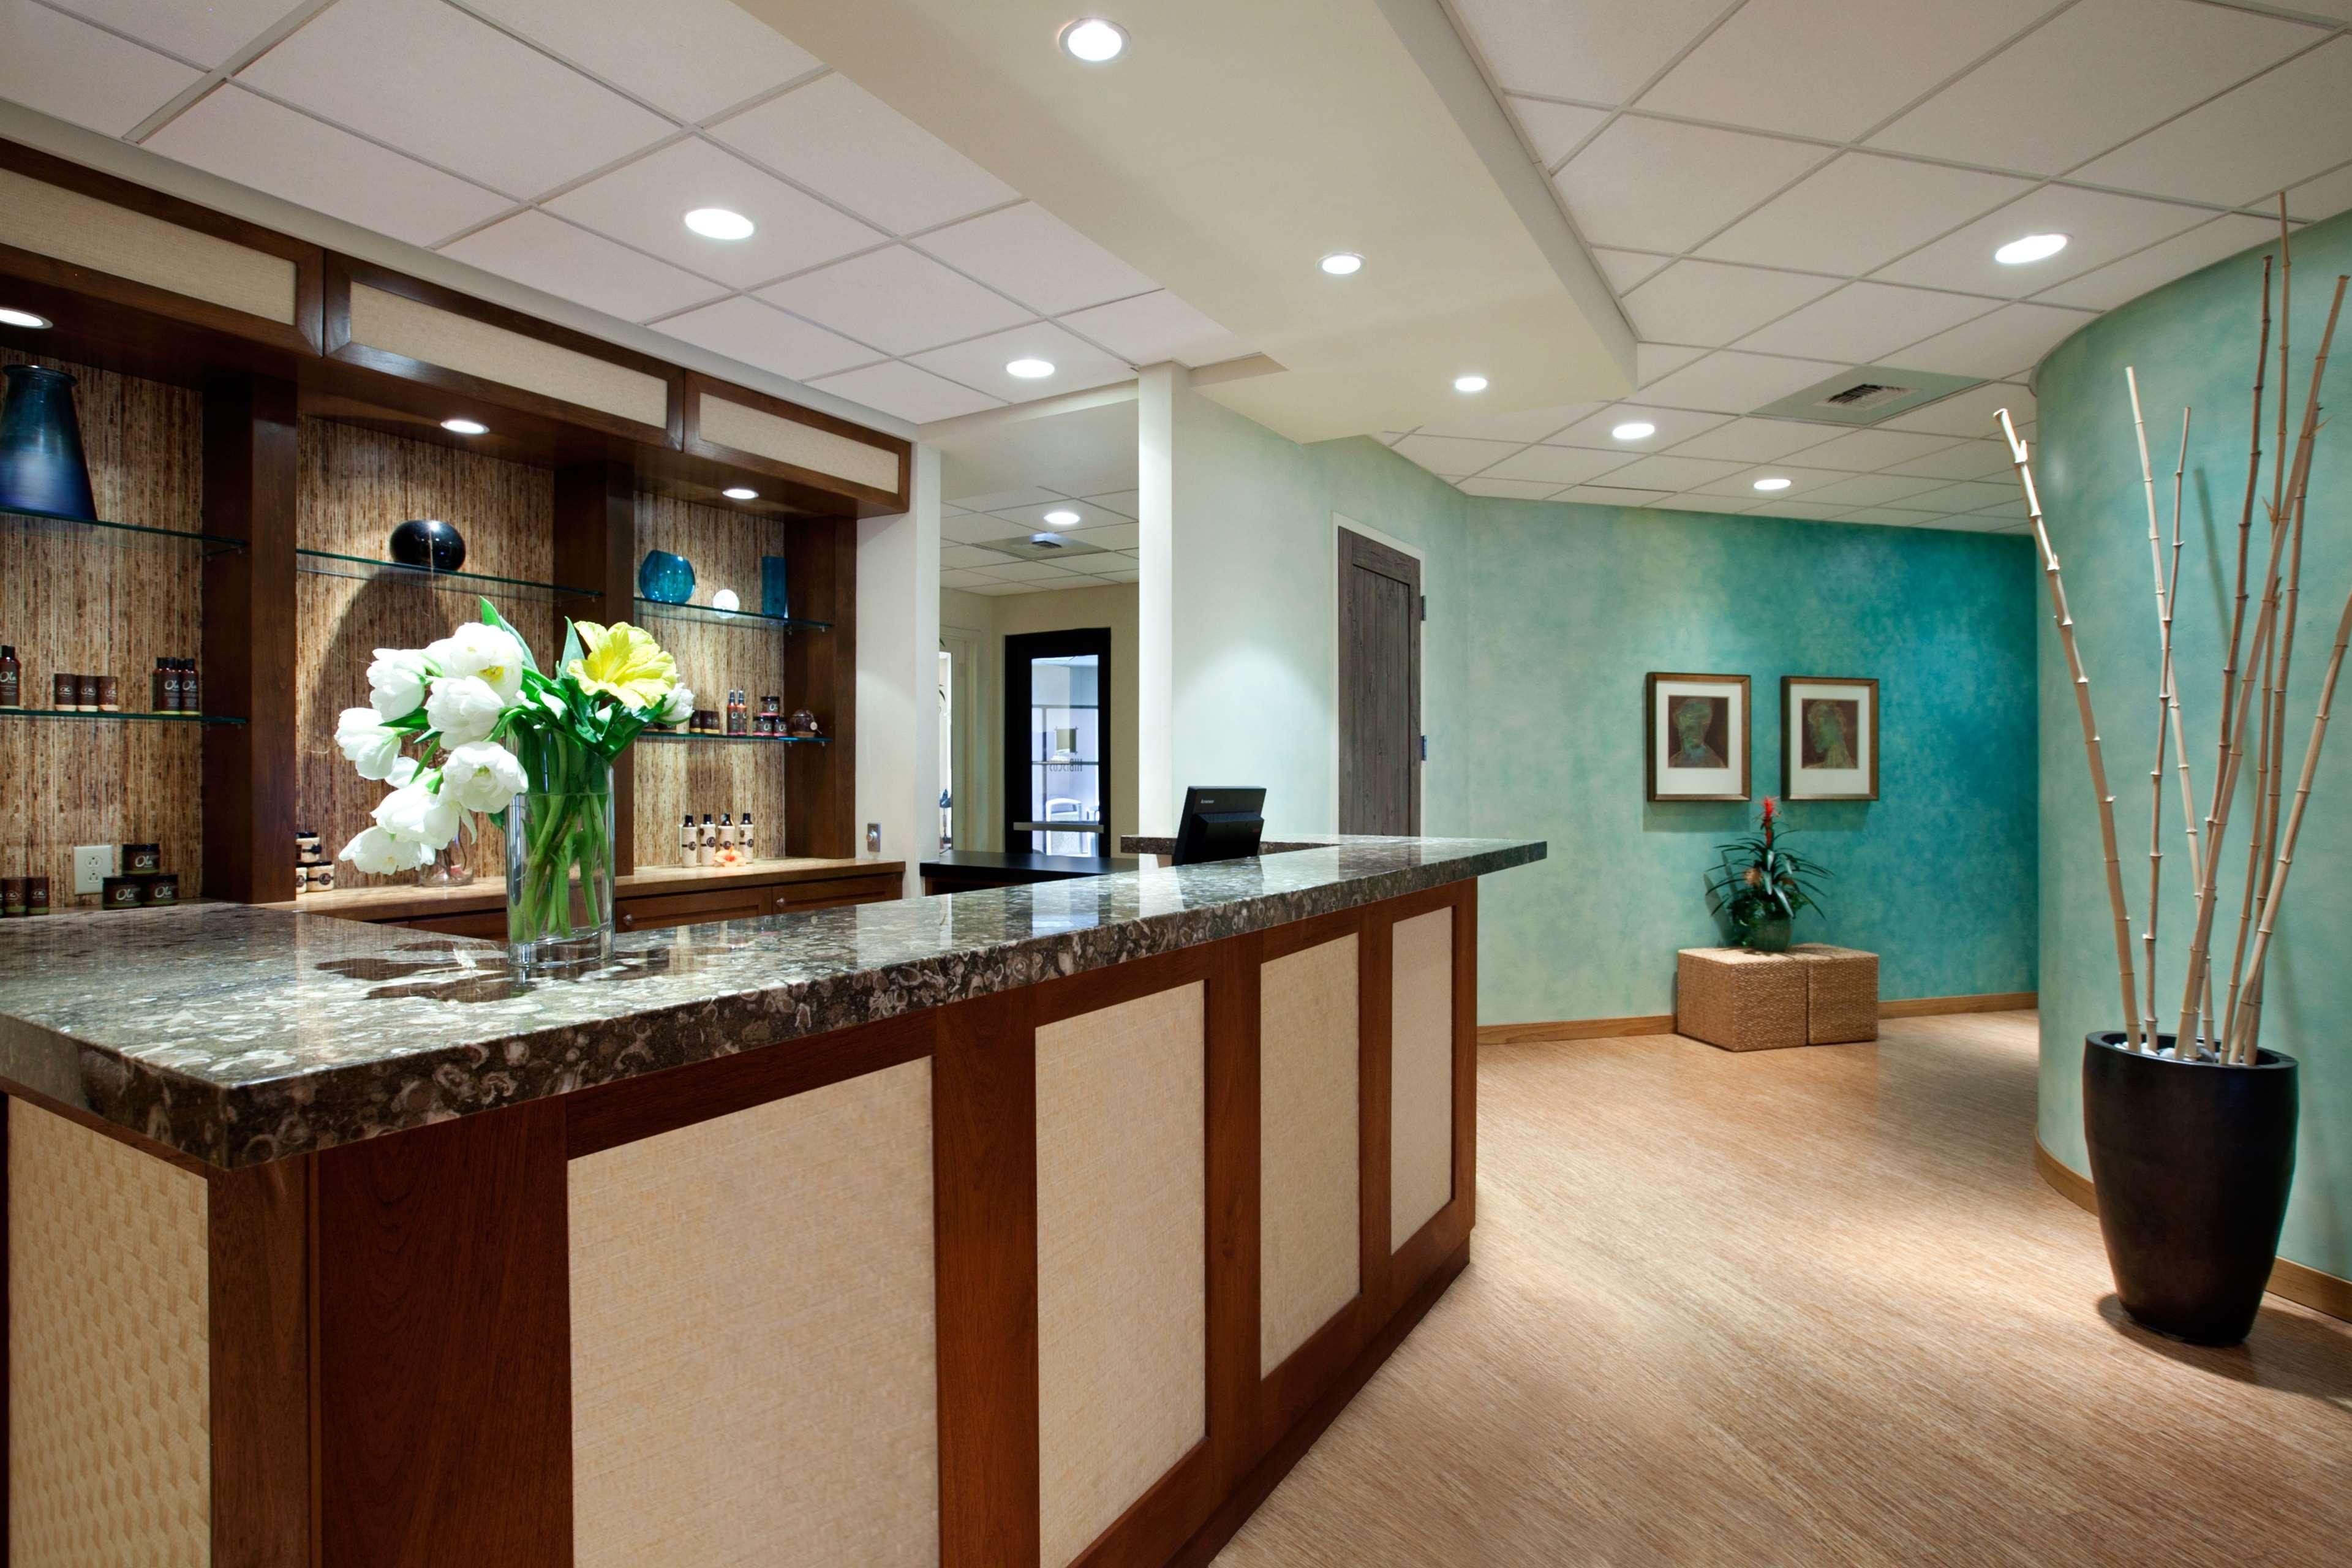 Embassy Suites by Hilton La Quinta Hotel & Spa image 37